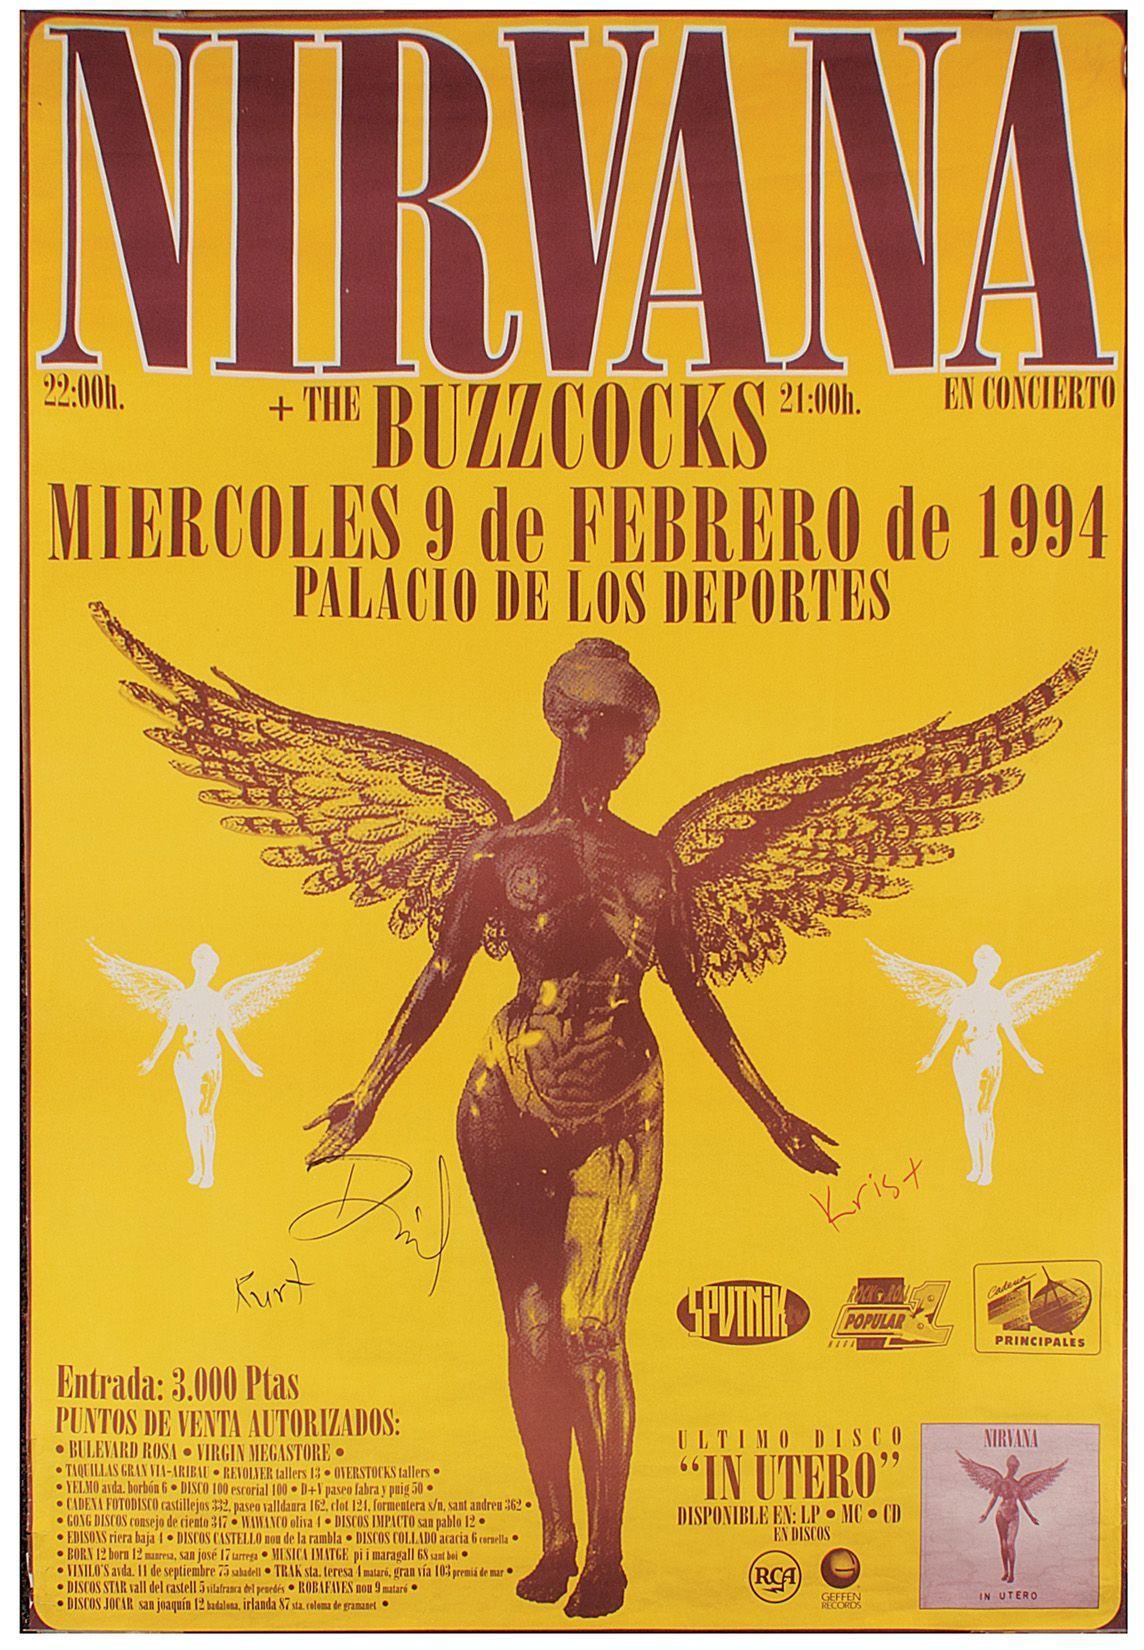 nirvana poster show - Pesquisa Google | Quadrinhos ...